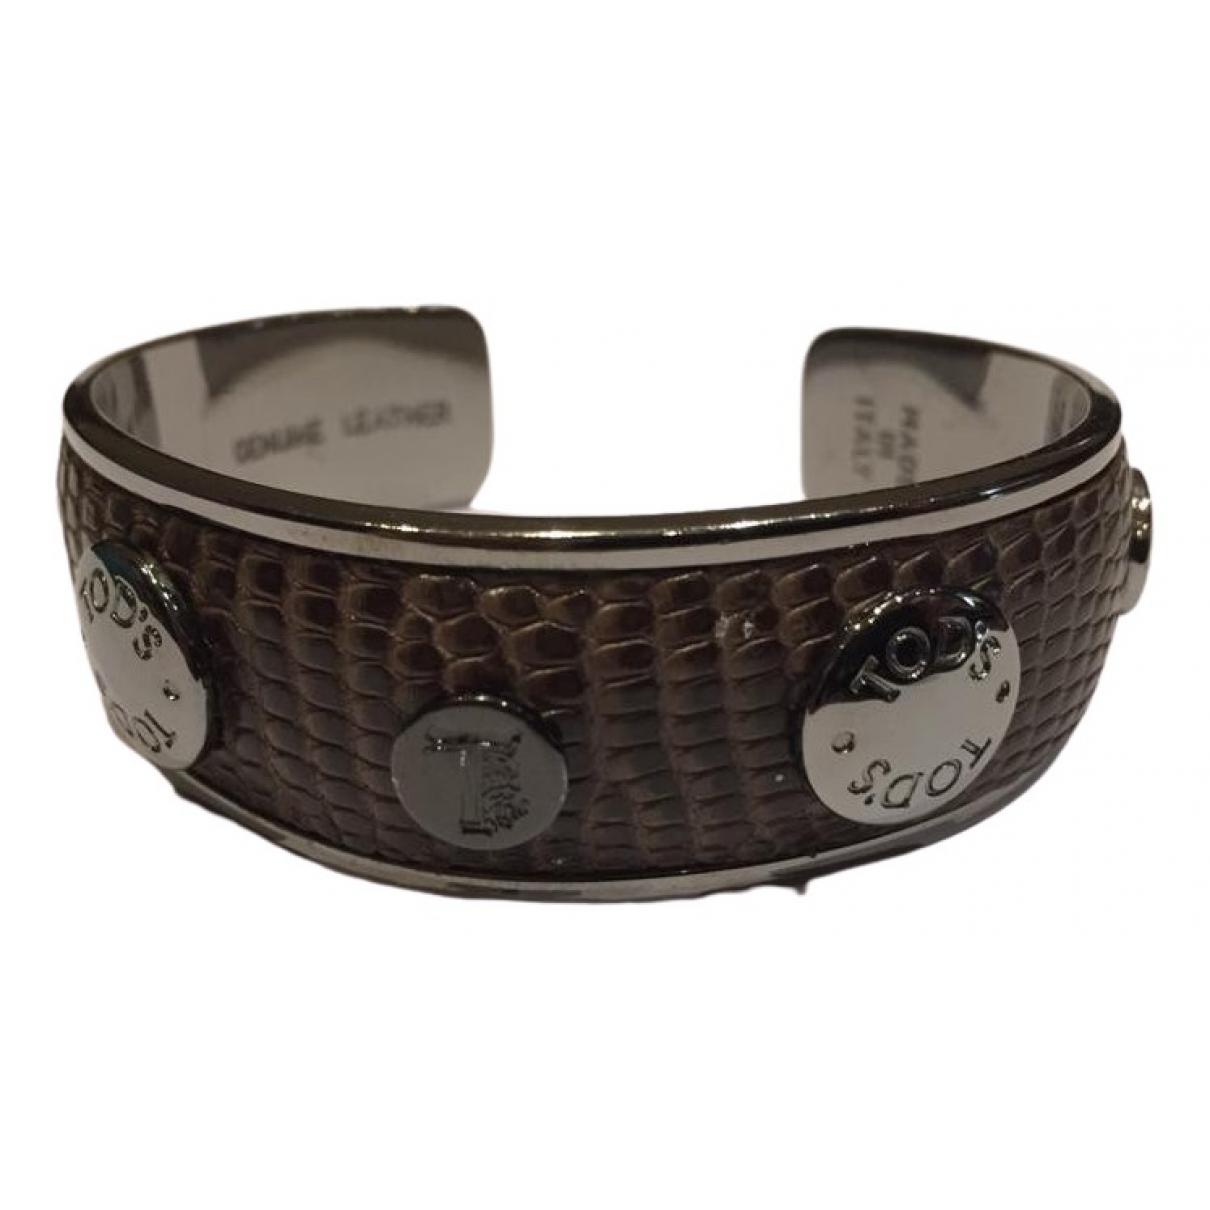 Tods - Bracelet   pour femme en metal - marron